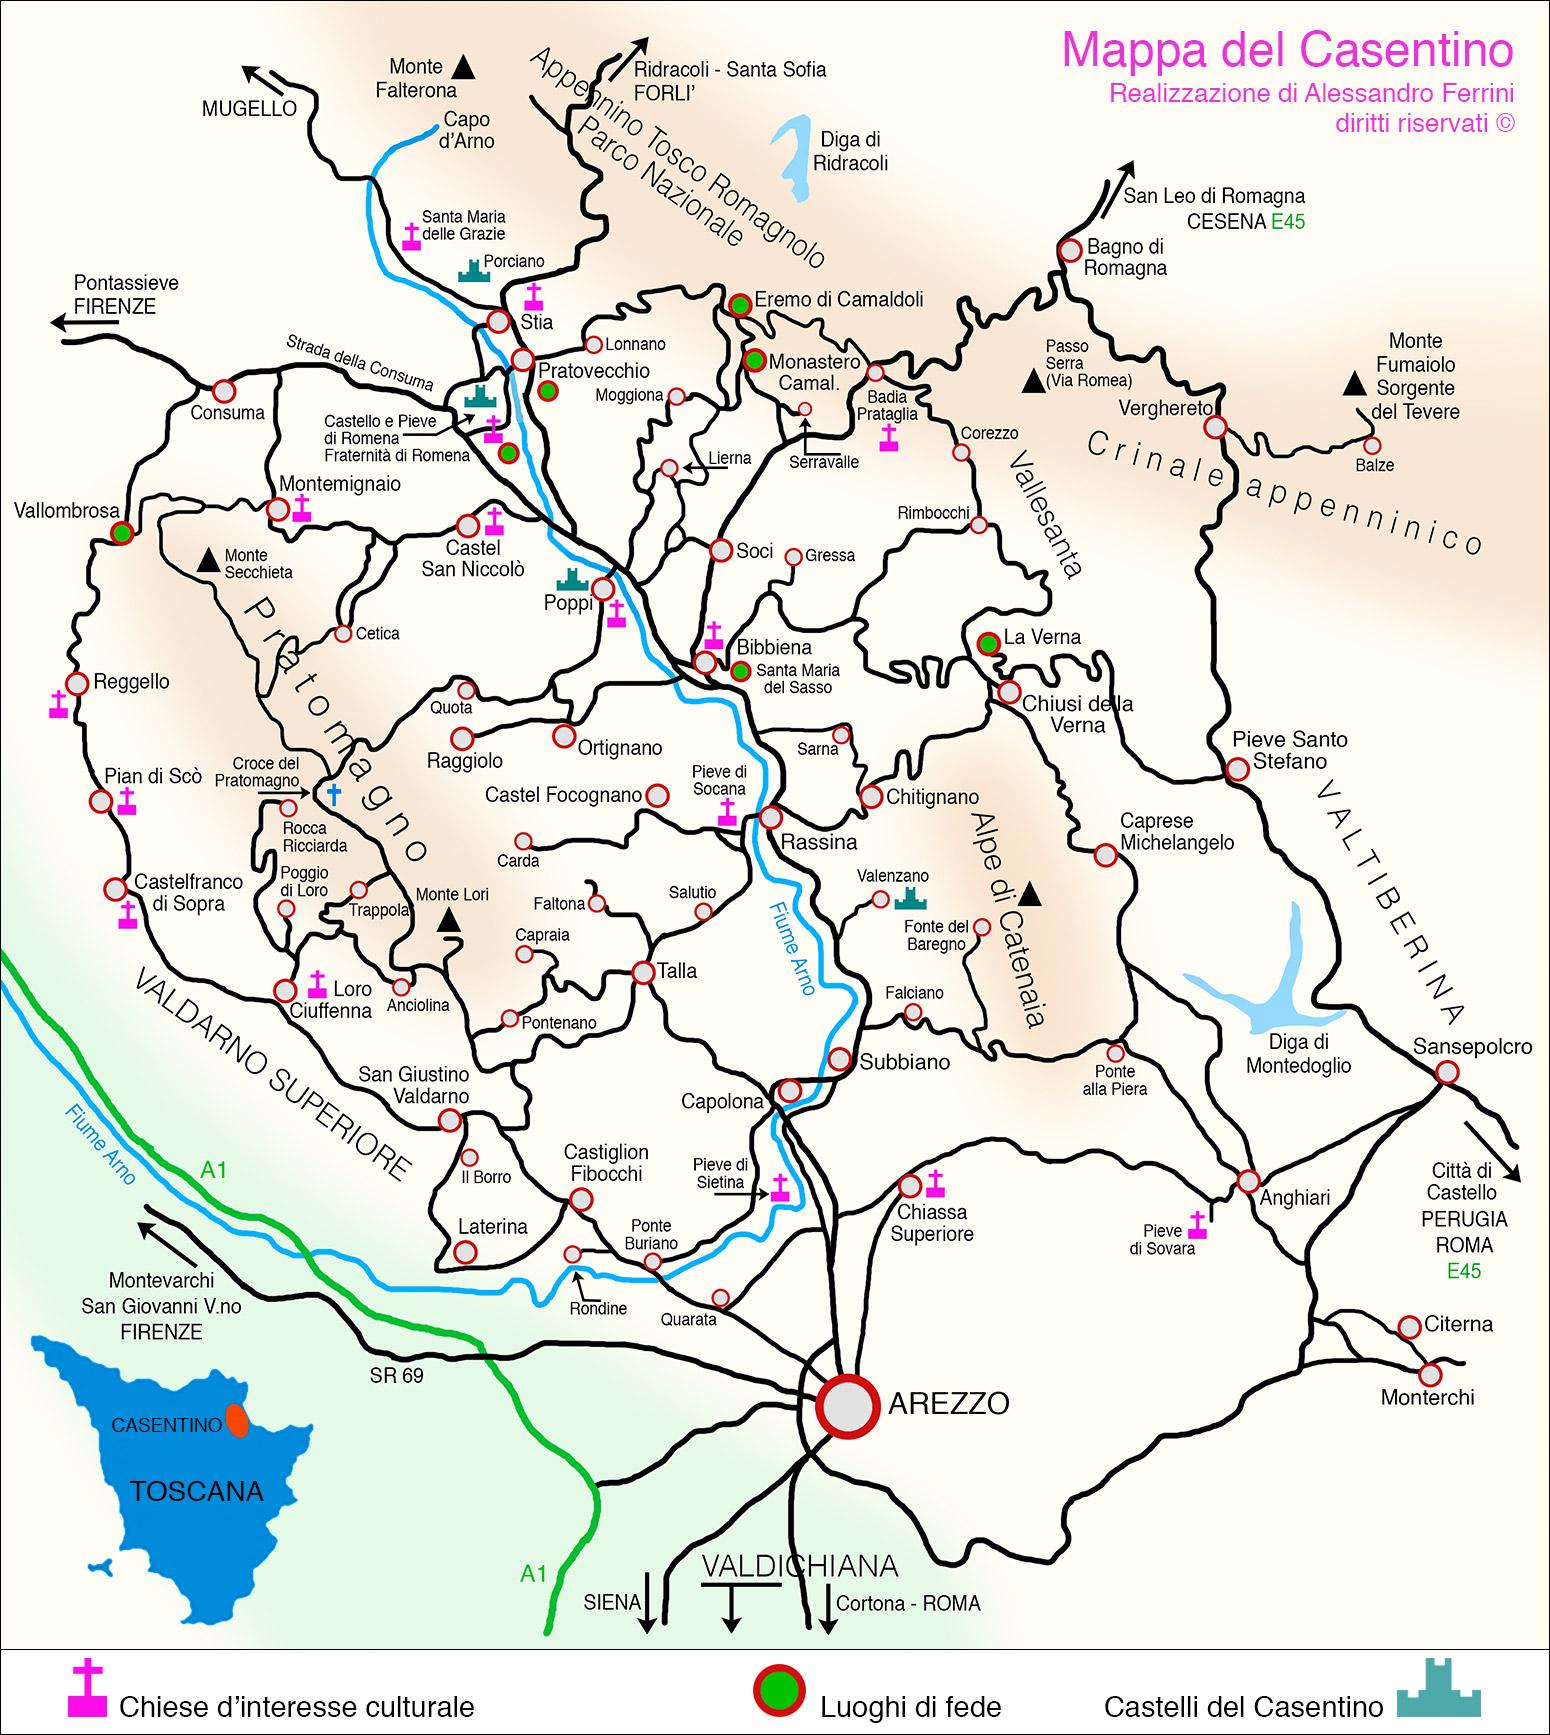 Cartina Geografica Di Arezzo.Mappa Del Casentino Dove Si Trova E Come Arrivare Cartina